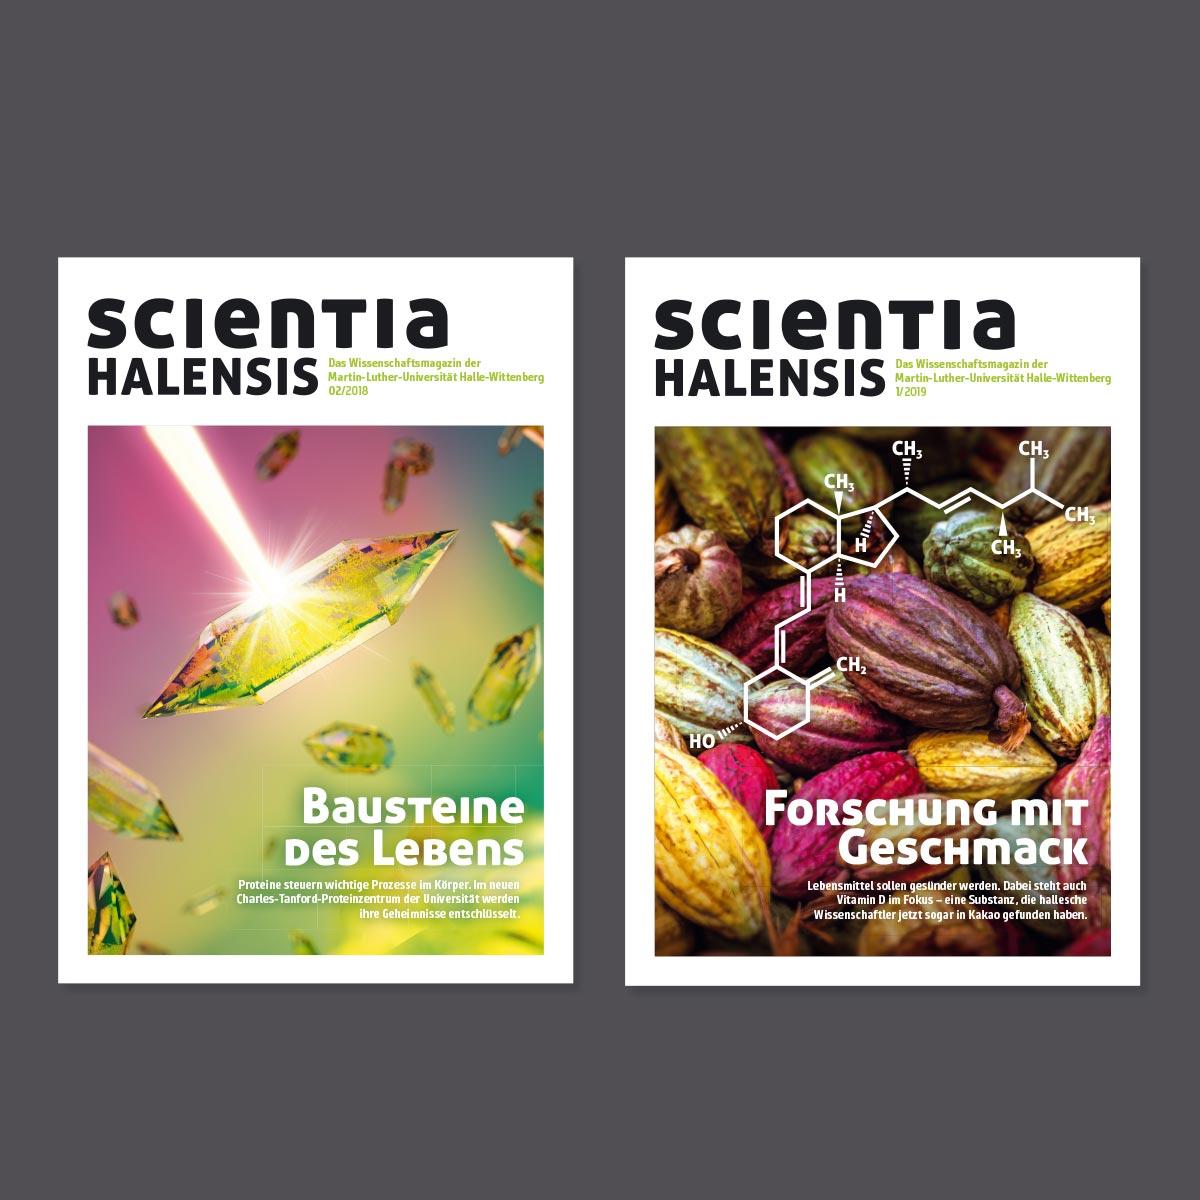 Scientia Halensis: Titelbilder der Ausgabe 2/2018 und 1/2019